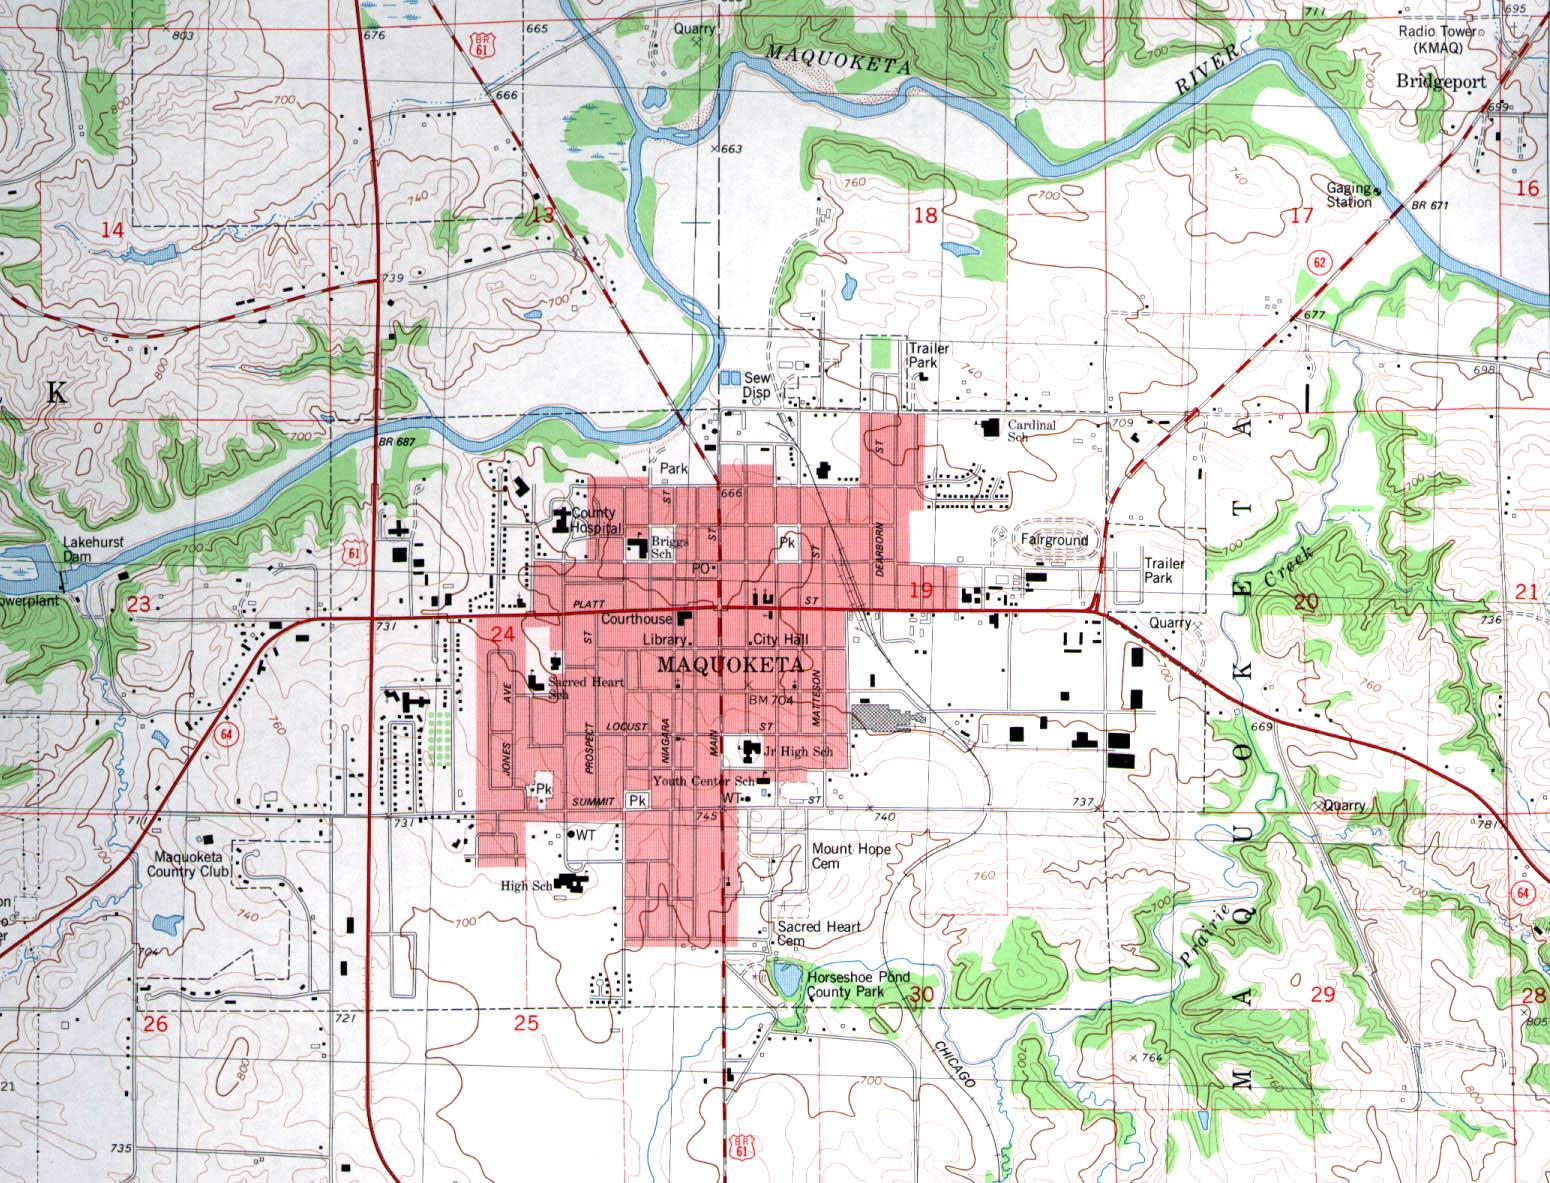 Mapa Topográfico de la Ciudad de Maquoketa, Iowa, Estados Unidos